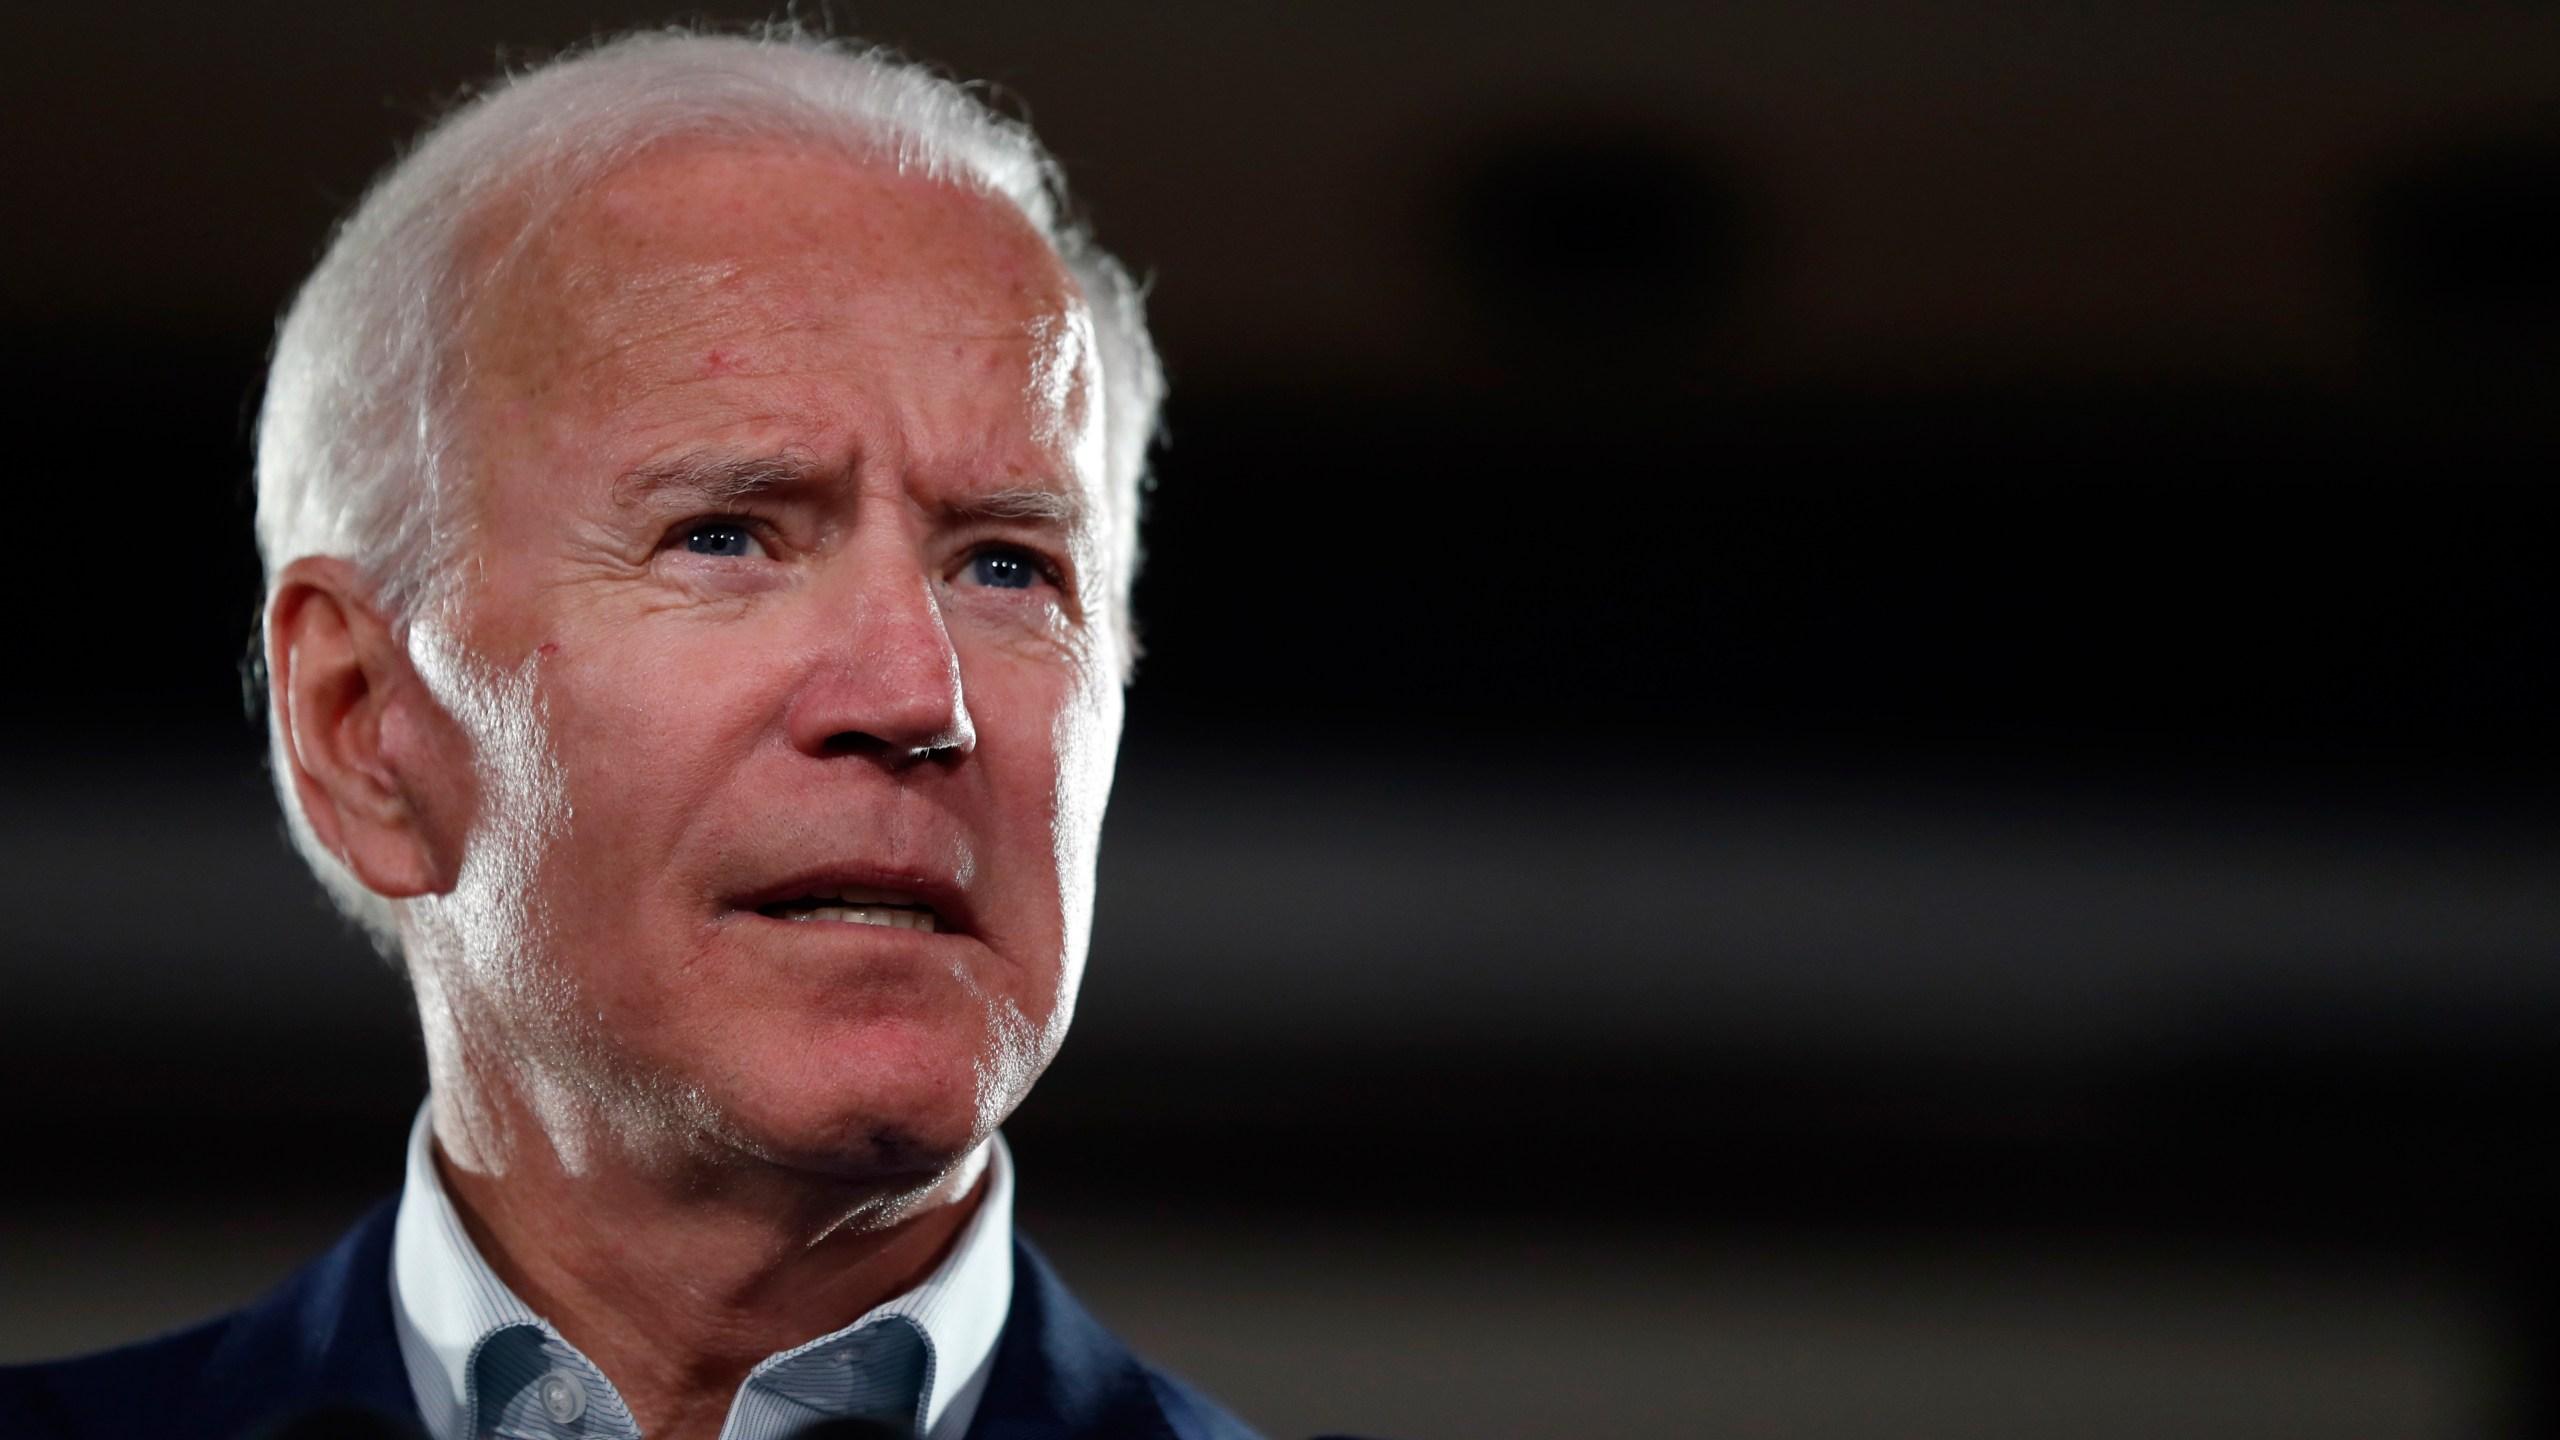 Joe-Biden--AP_1544633860638.jpg